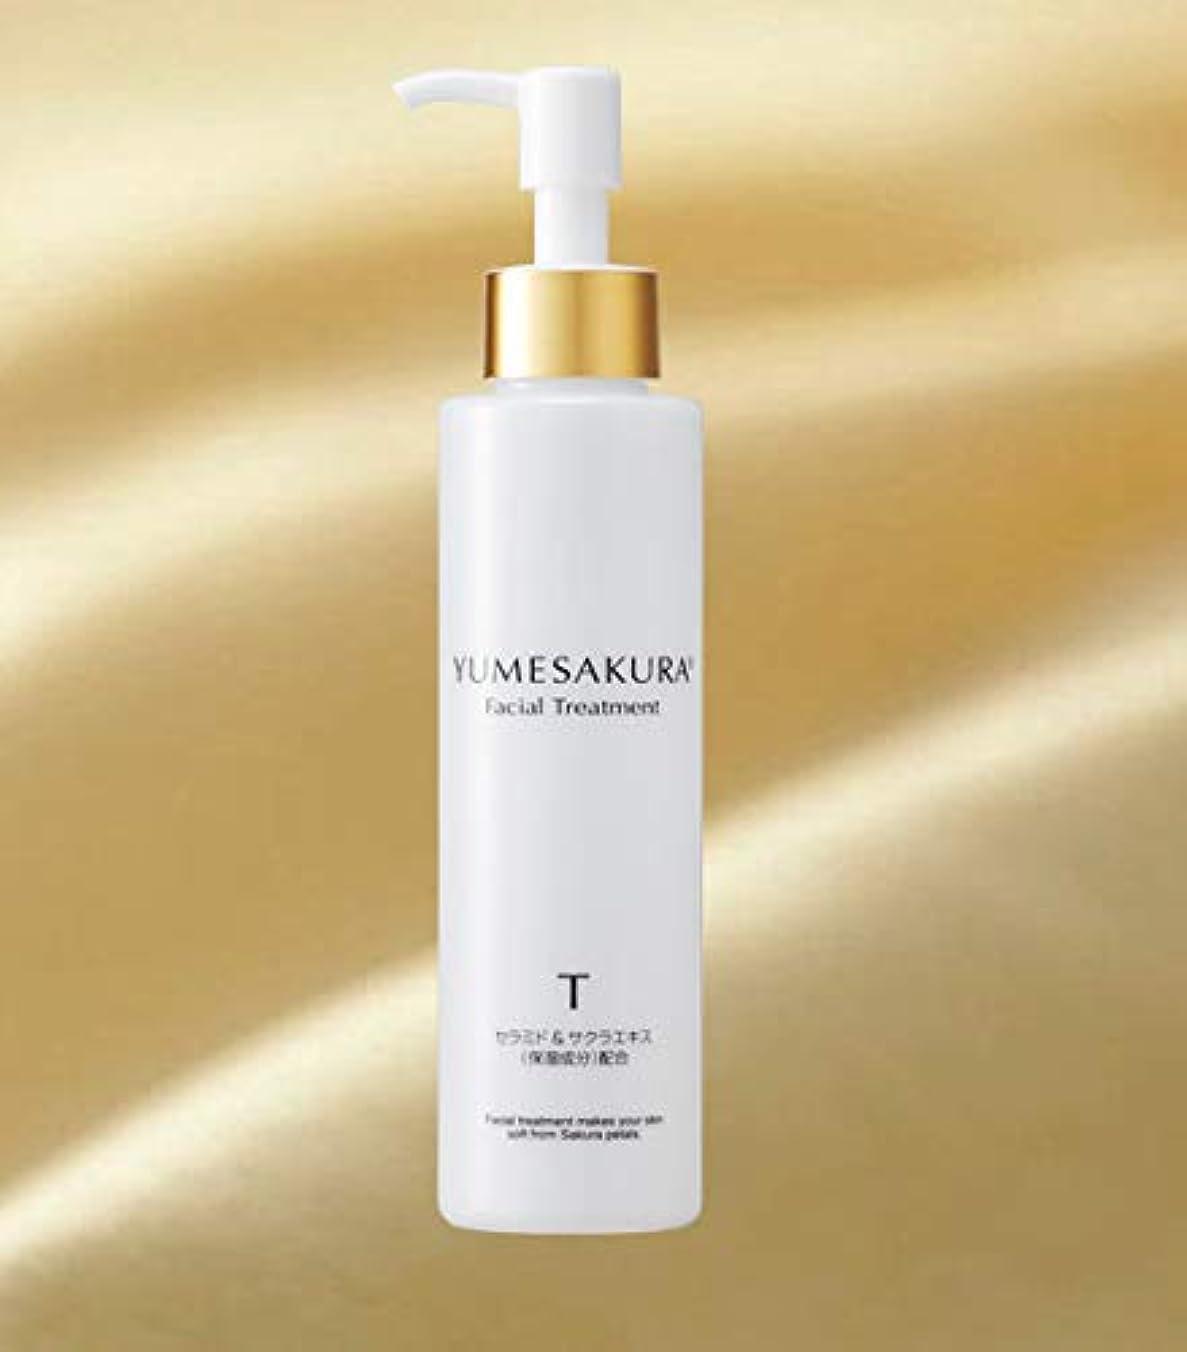 スペル効能嵐の夢桜 フェイシャル トリートメント (150mL) YUMESAKURA Facial Treatment